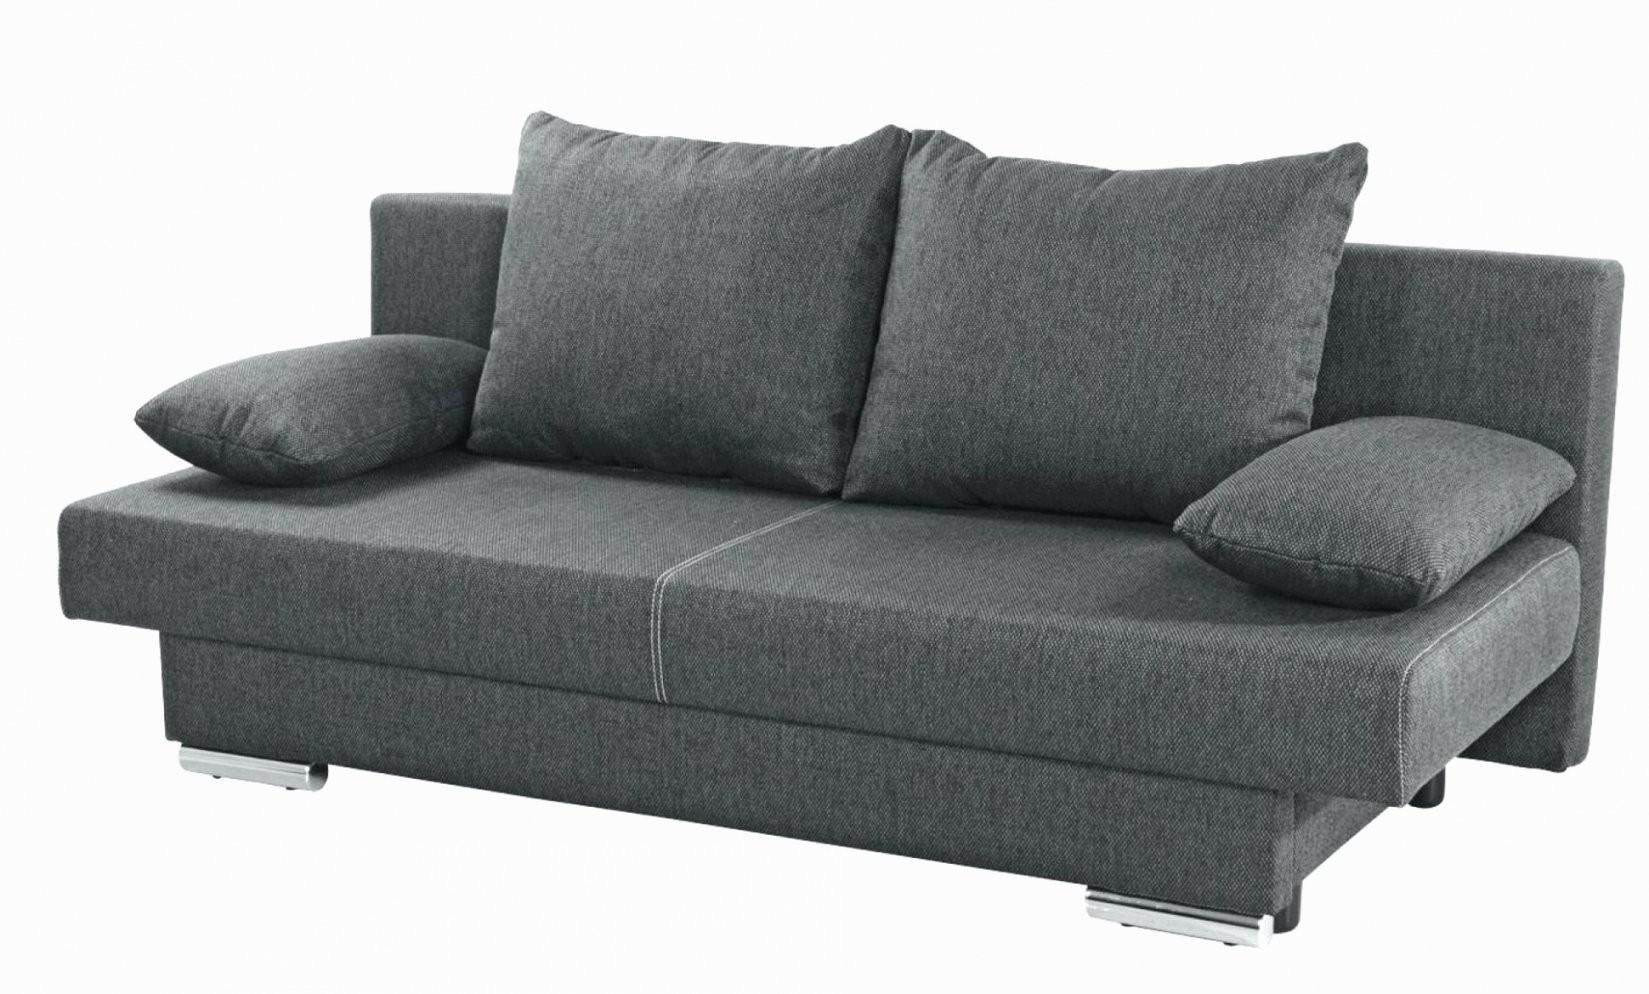 Asizegenetics Gewählt 2 Sitzer Sofa Mit Schlaffunktion Tqlahouston von 2 Sitzer Sofa Mit Bettfunktion Bild